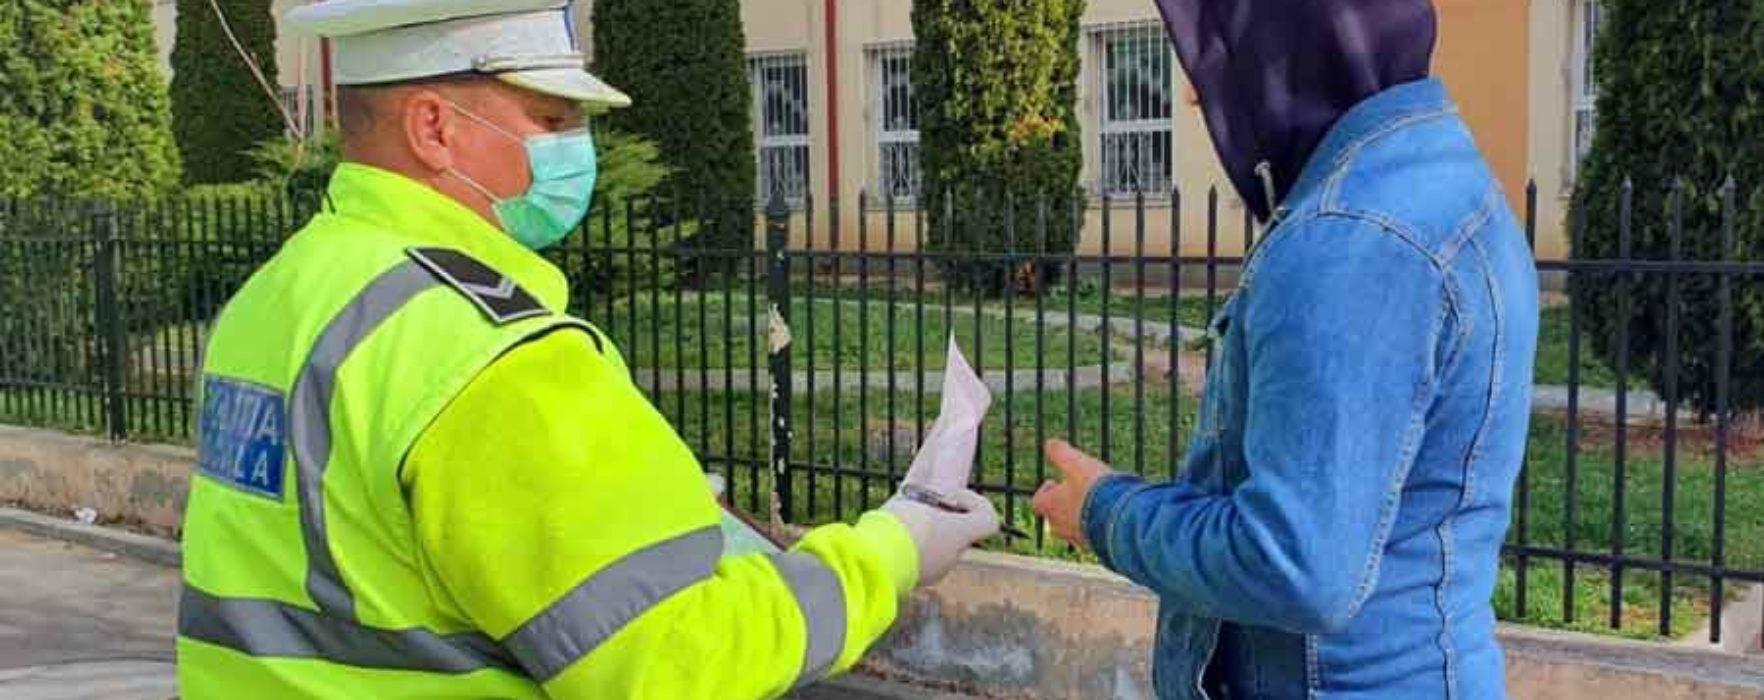 Dâmboviţa: Peste 200 de sancţiuni pentru nerespectarea interdicţiilor de circulaţie (30 martie)